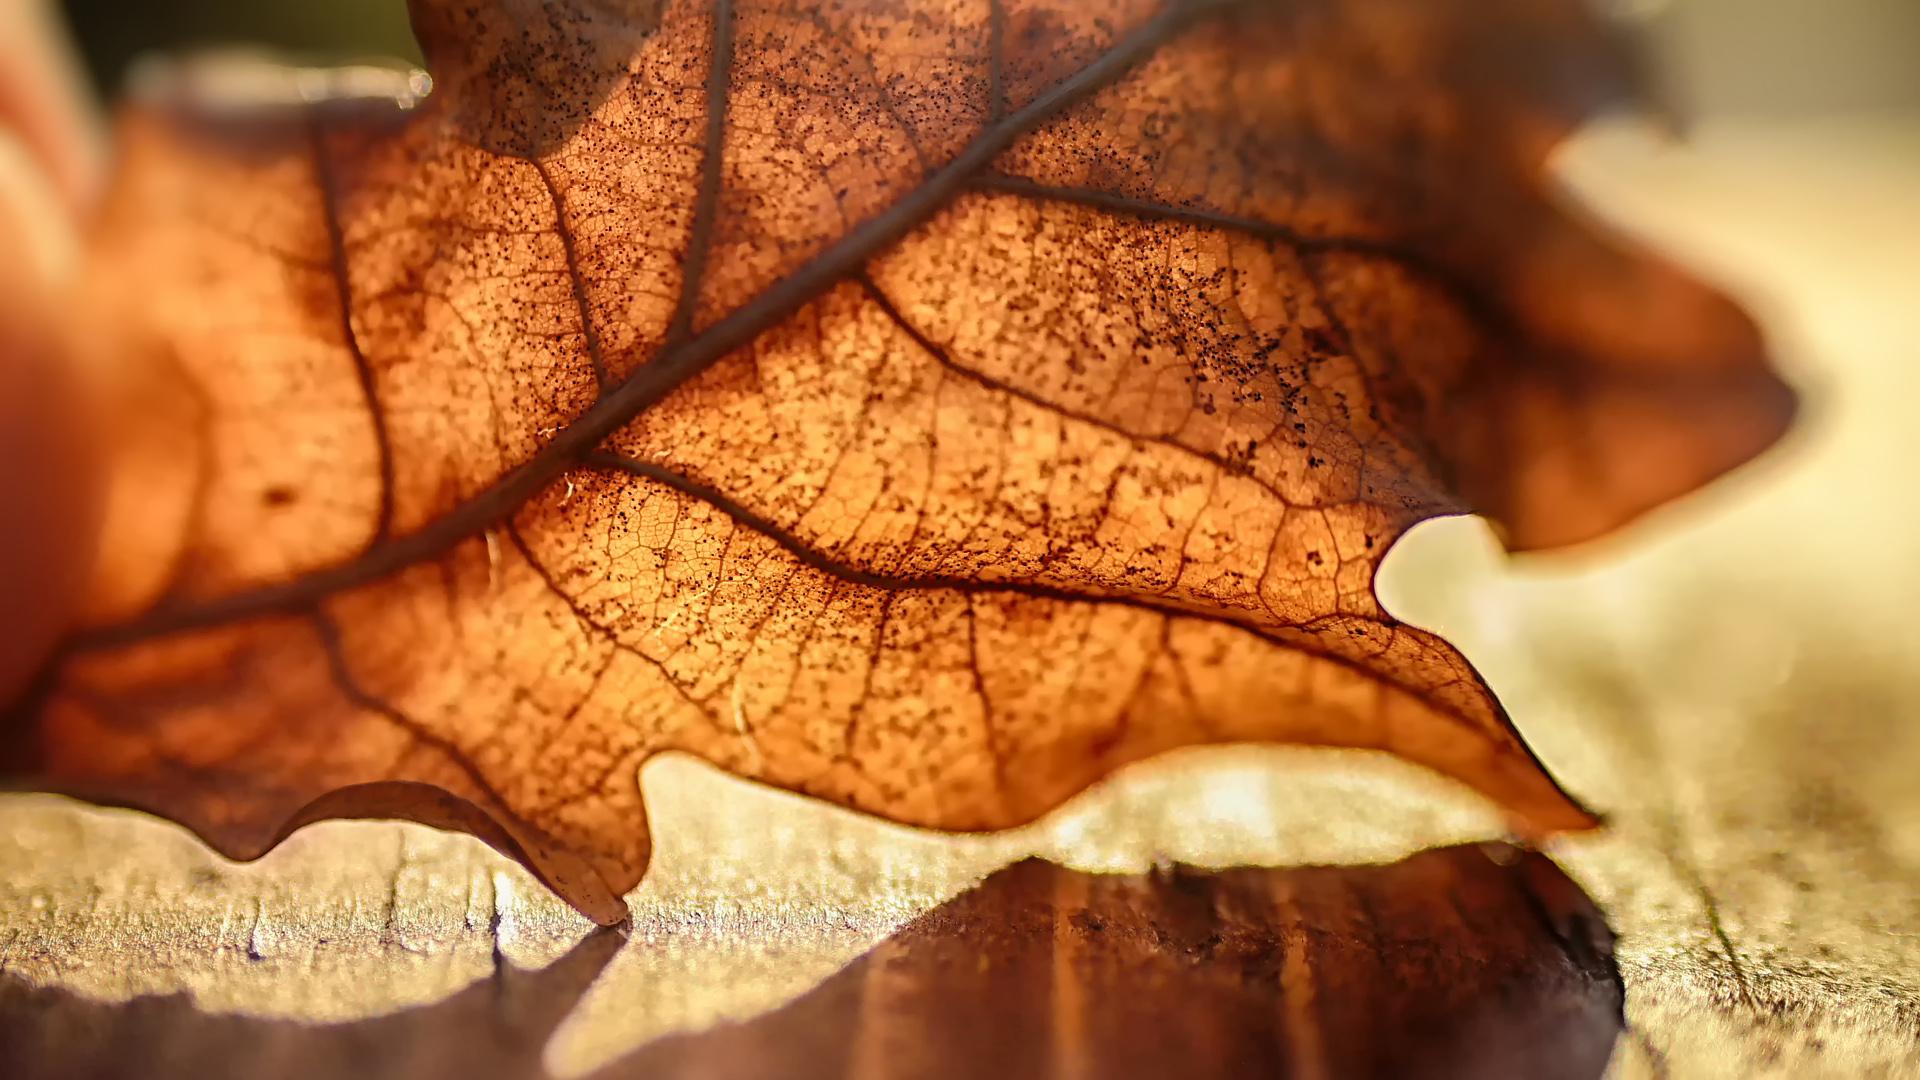 デスクトップ壁紙 秋 葉 マクロ 自然 日光 暖かい色 閉じる